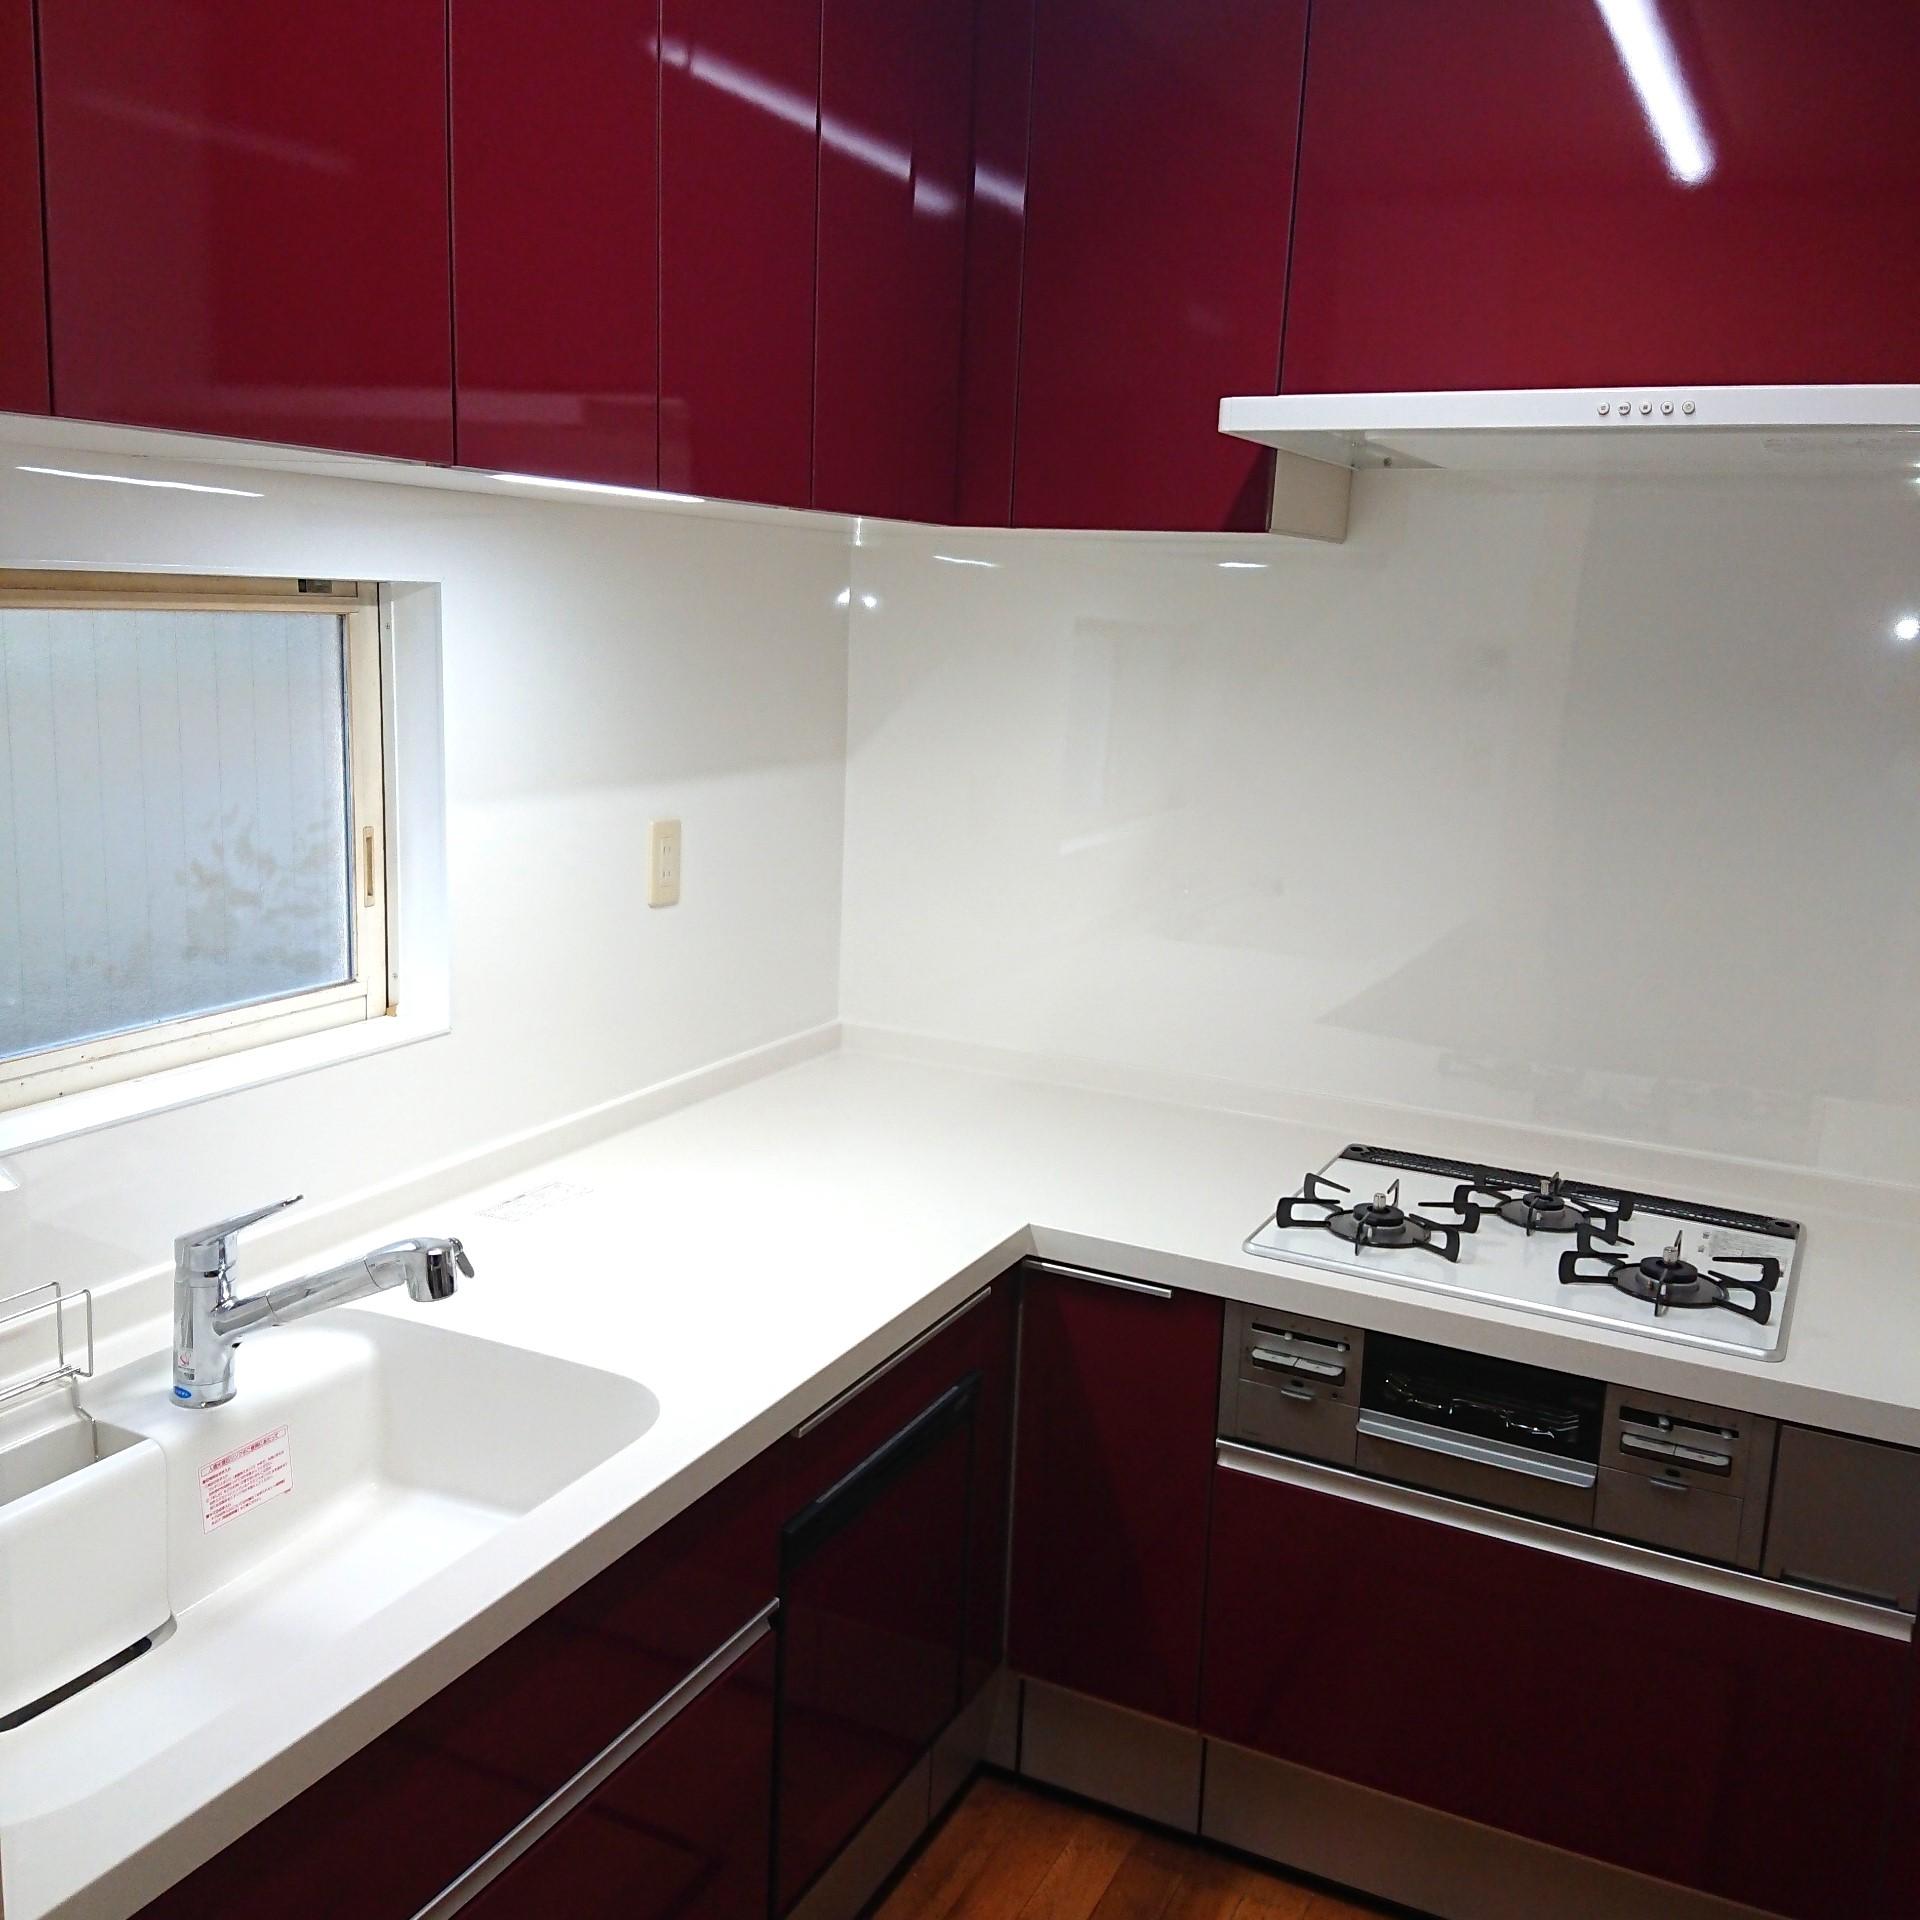 戸建て  キッチンリフォーム LIXIL シエラの画像